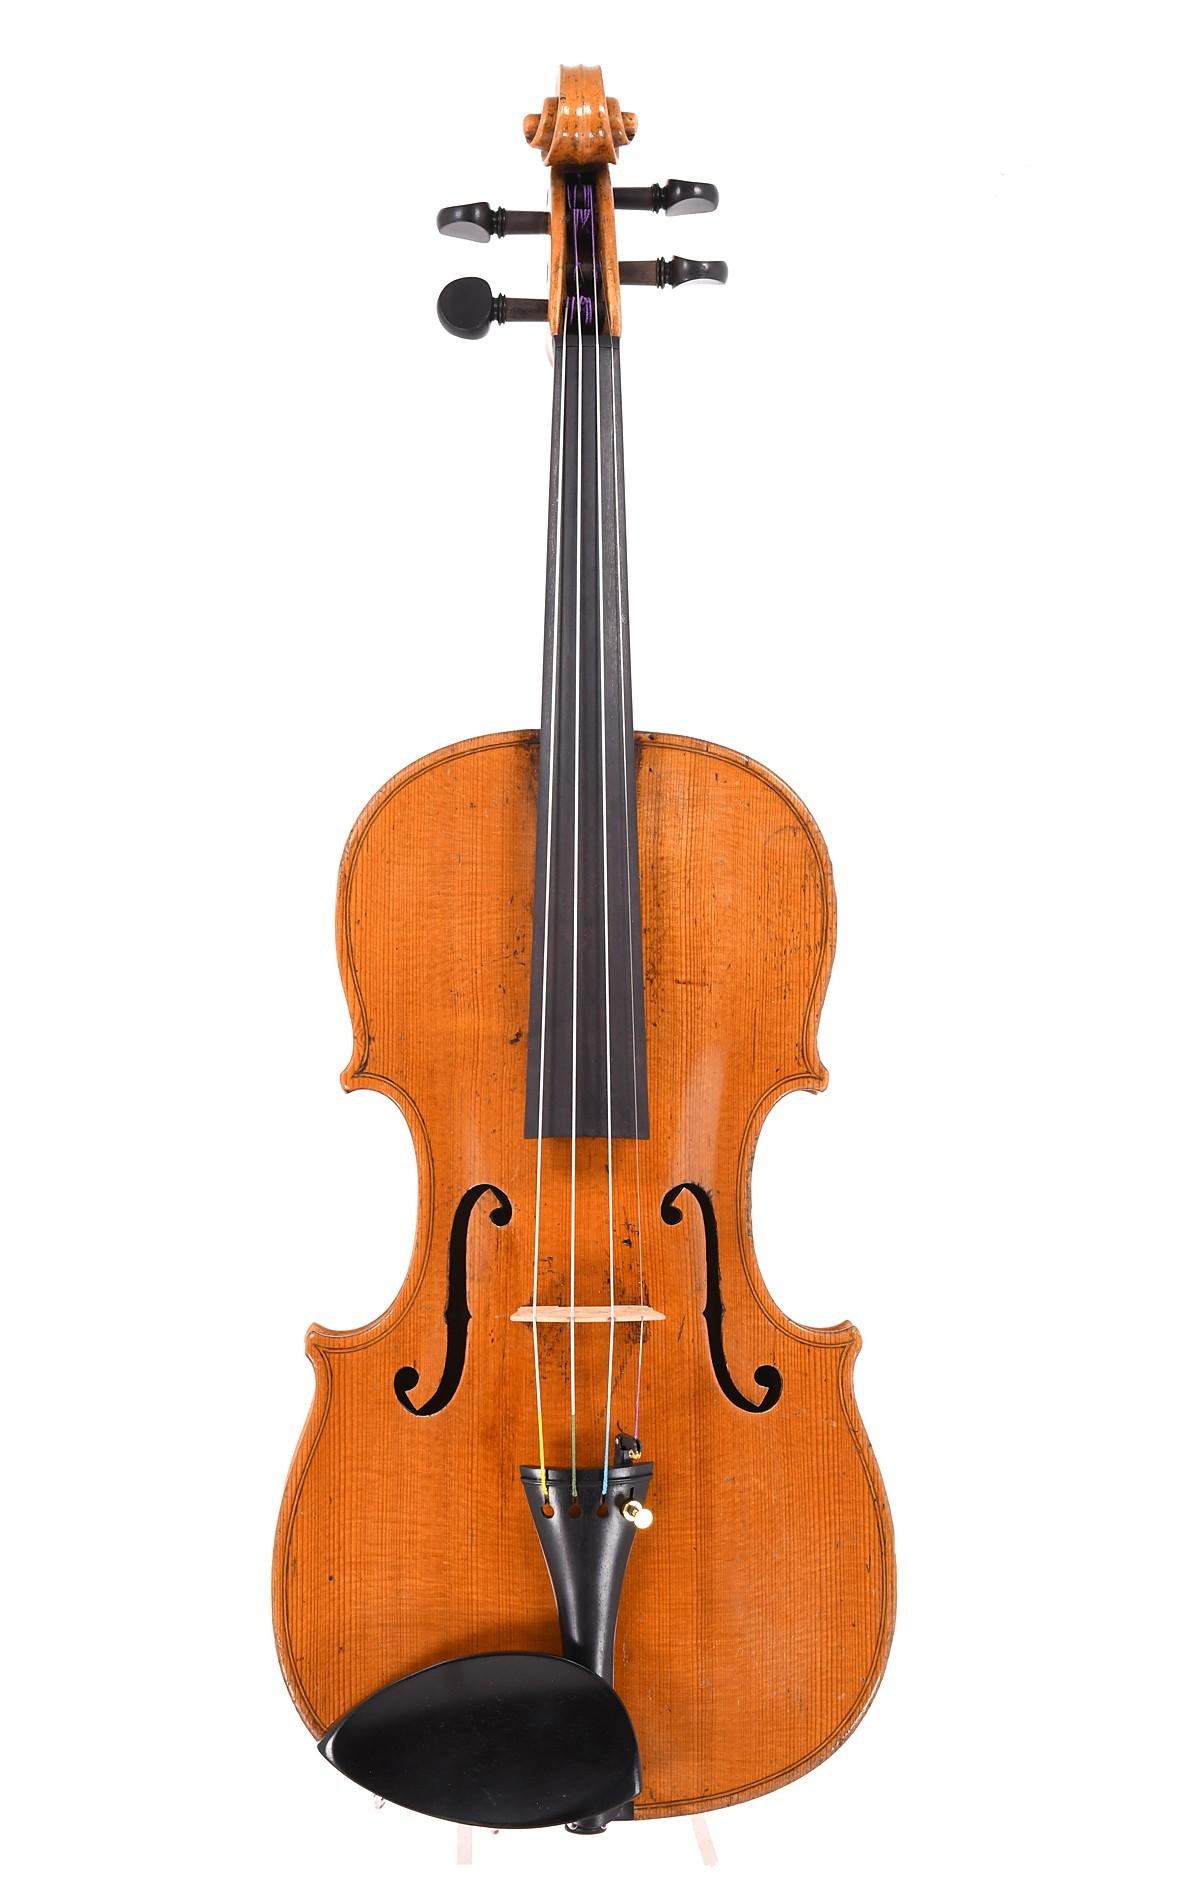 David Christian Hopf jun., fine Vogtland violin